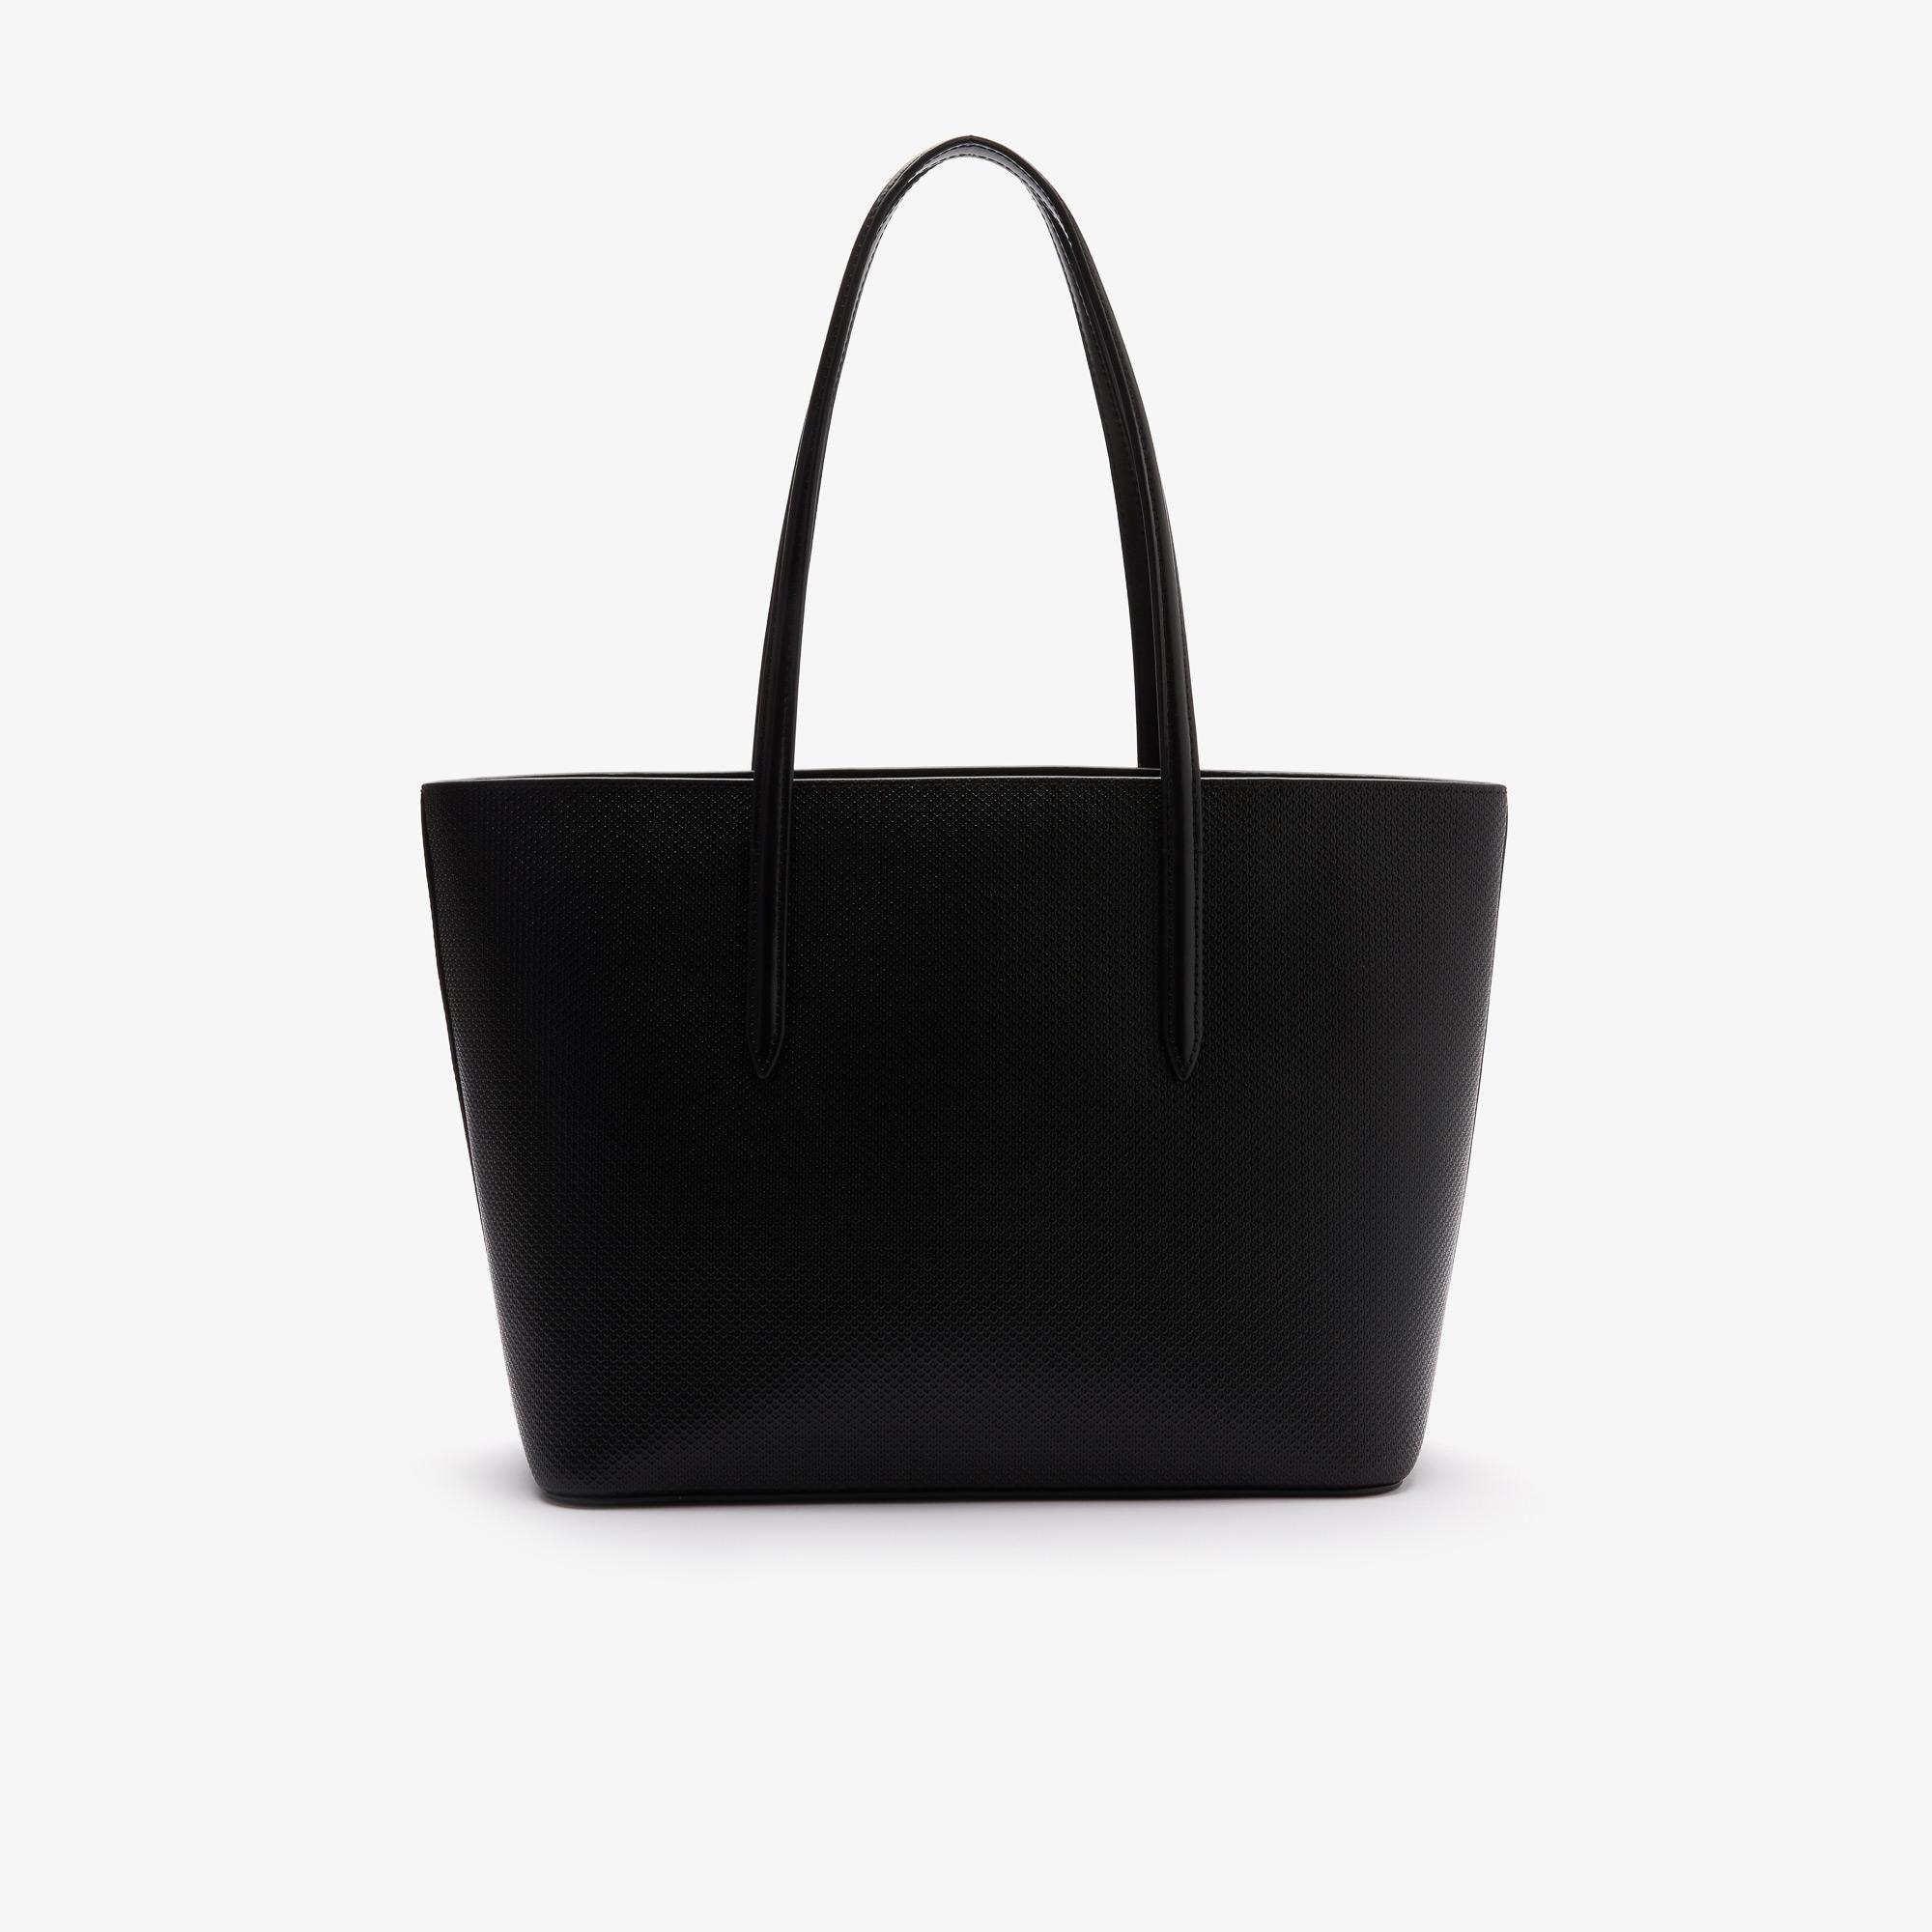 Lacoste  Women's Chantaco Piqué Leather Tote Bag